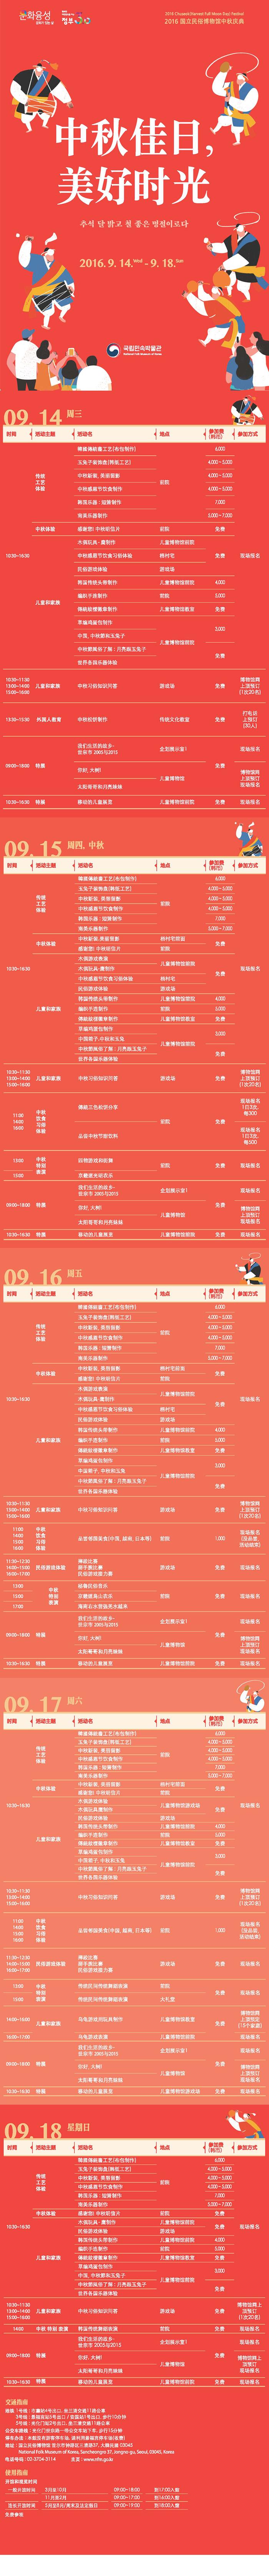 2016国立民俗博物馆中秋庆典 - 中秋佳日, 美好时光